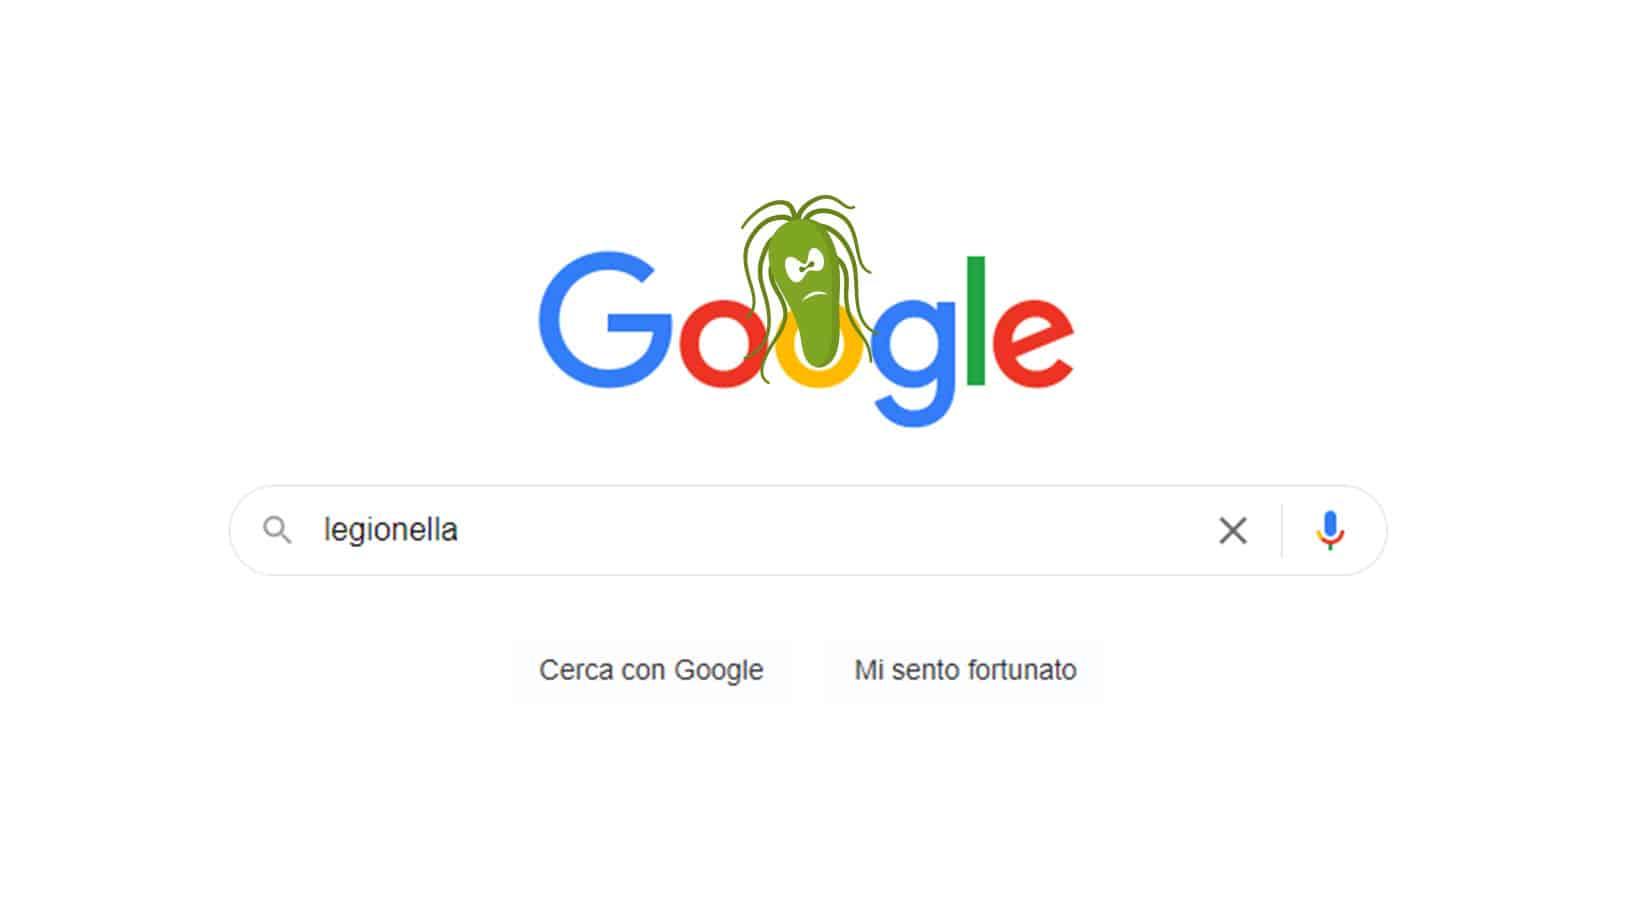 google legionella ricerche